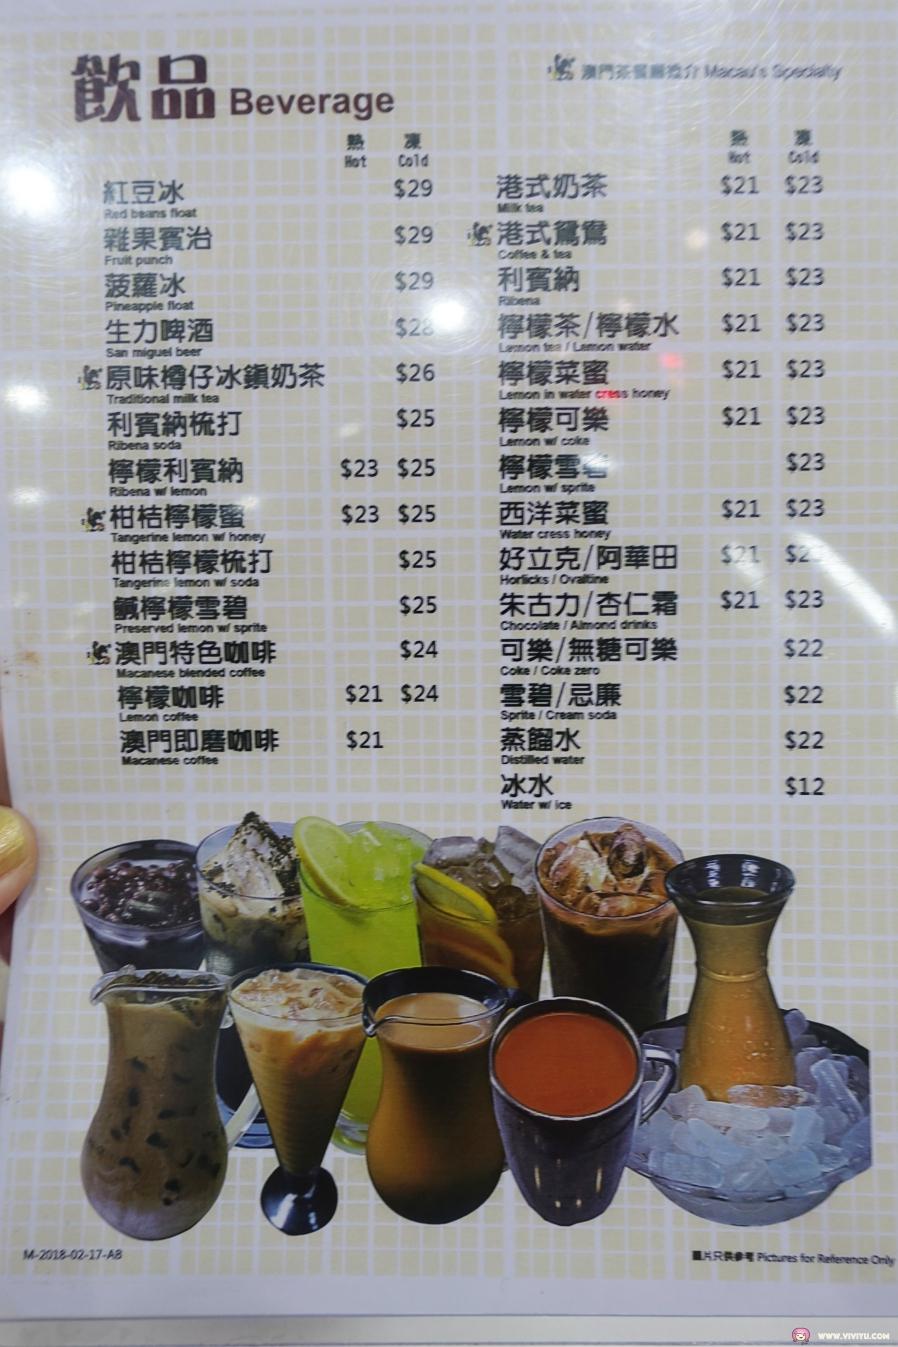 港式鴛鴦,港點,澳門,澳門茶餐廳,維多利亞港,菠蘿油,葡式蛋塔,豬仔包,香港美食 @VIVIYU小世界